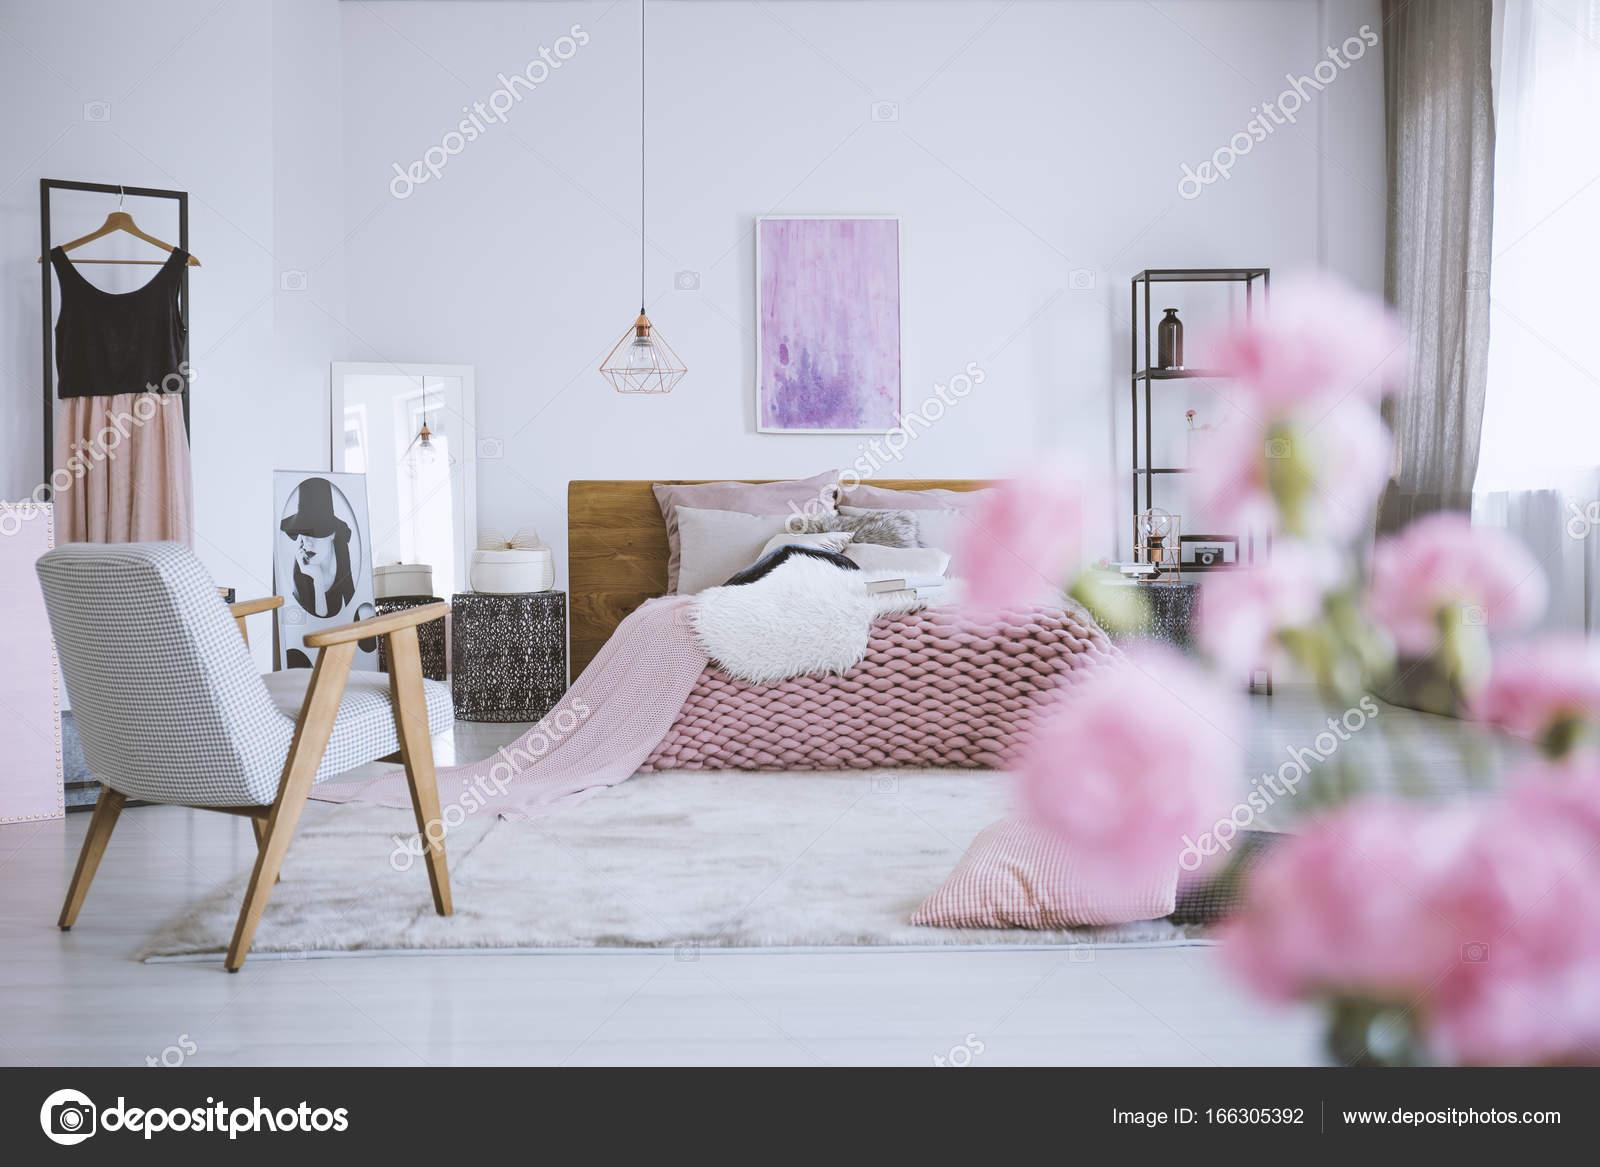 https://st3.depositphotos.com/2249091/16630/i/1600/depositphotos_166305392-stockafbeelding-bloemen-in-chique-roze-slaapkamer.jpg